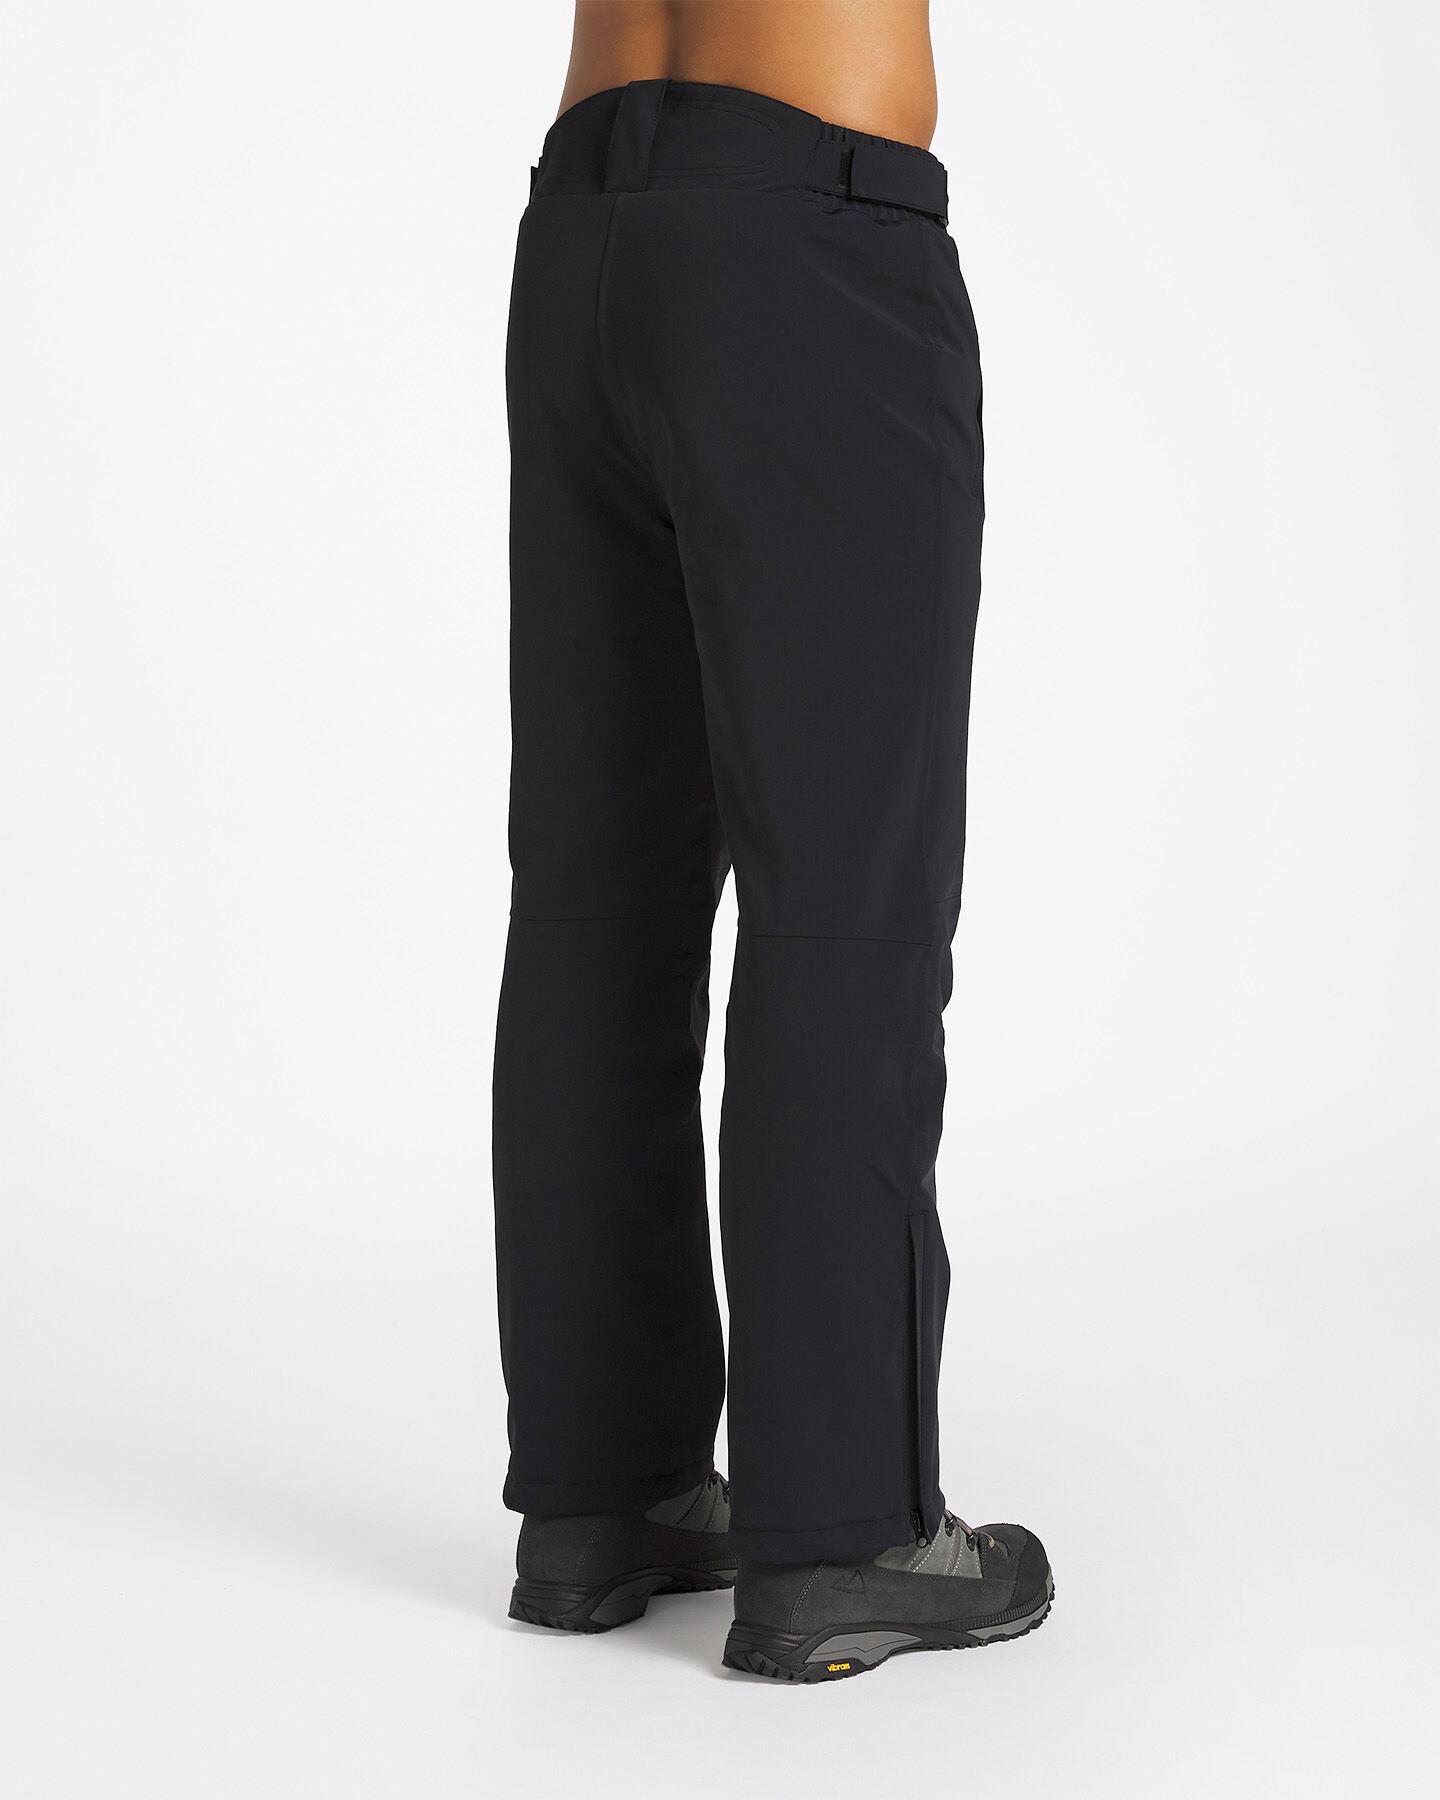 Pantalone sci FILA SKI TOP M S4058825 scatto 1